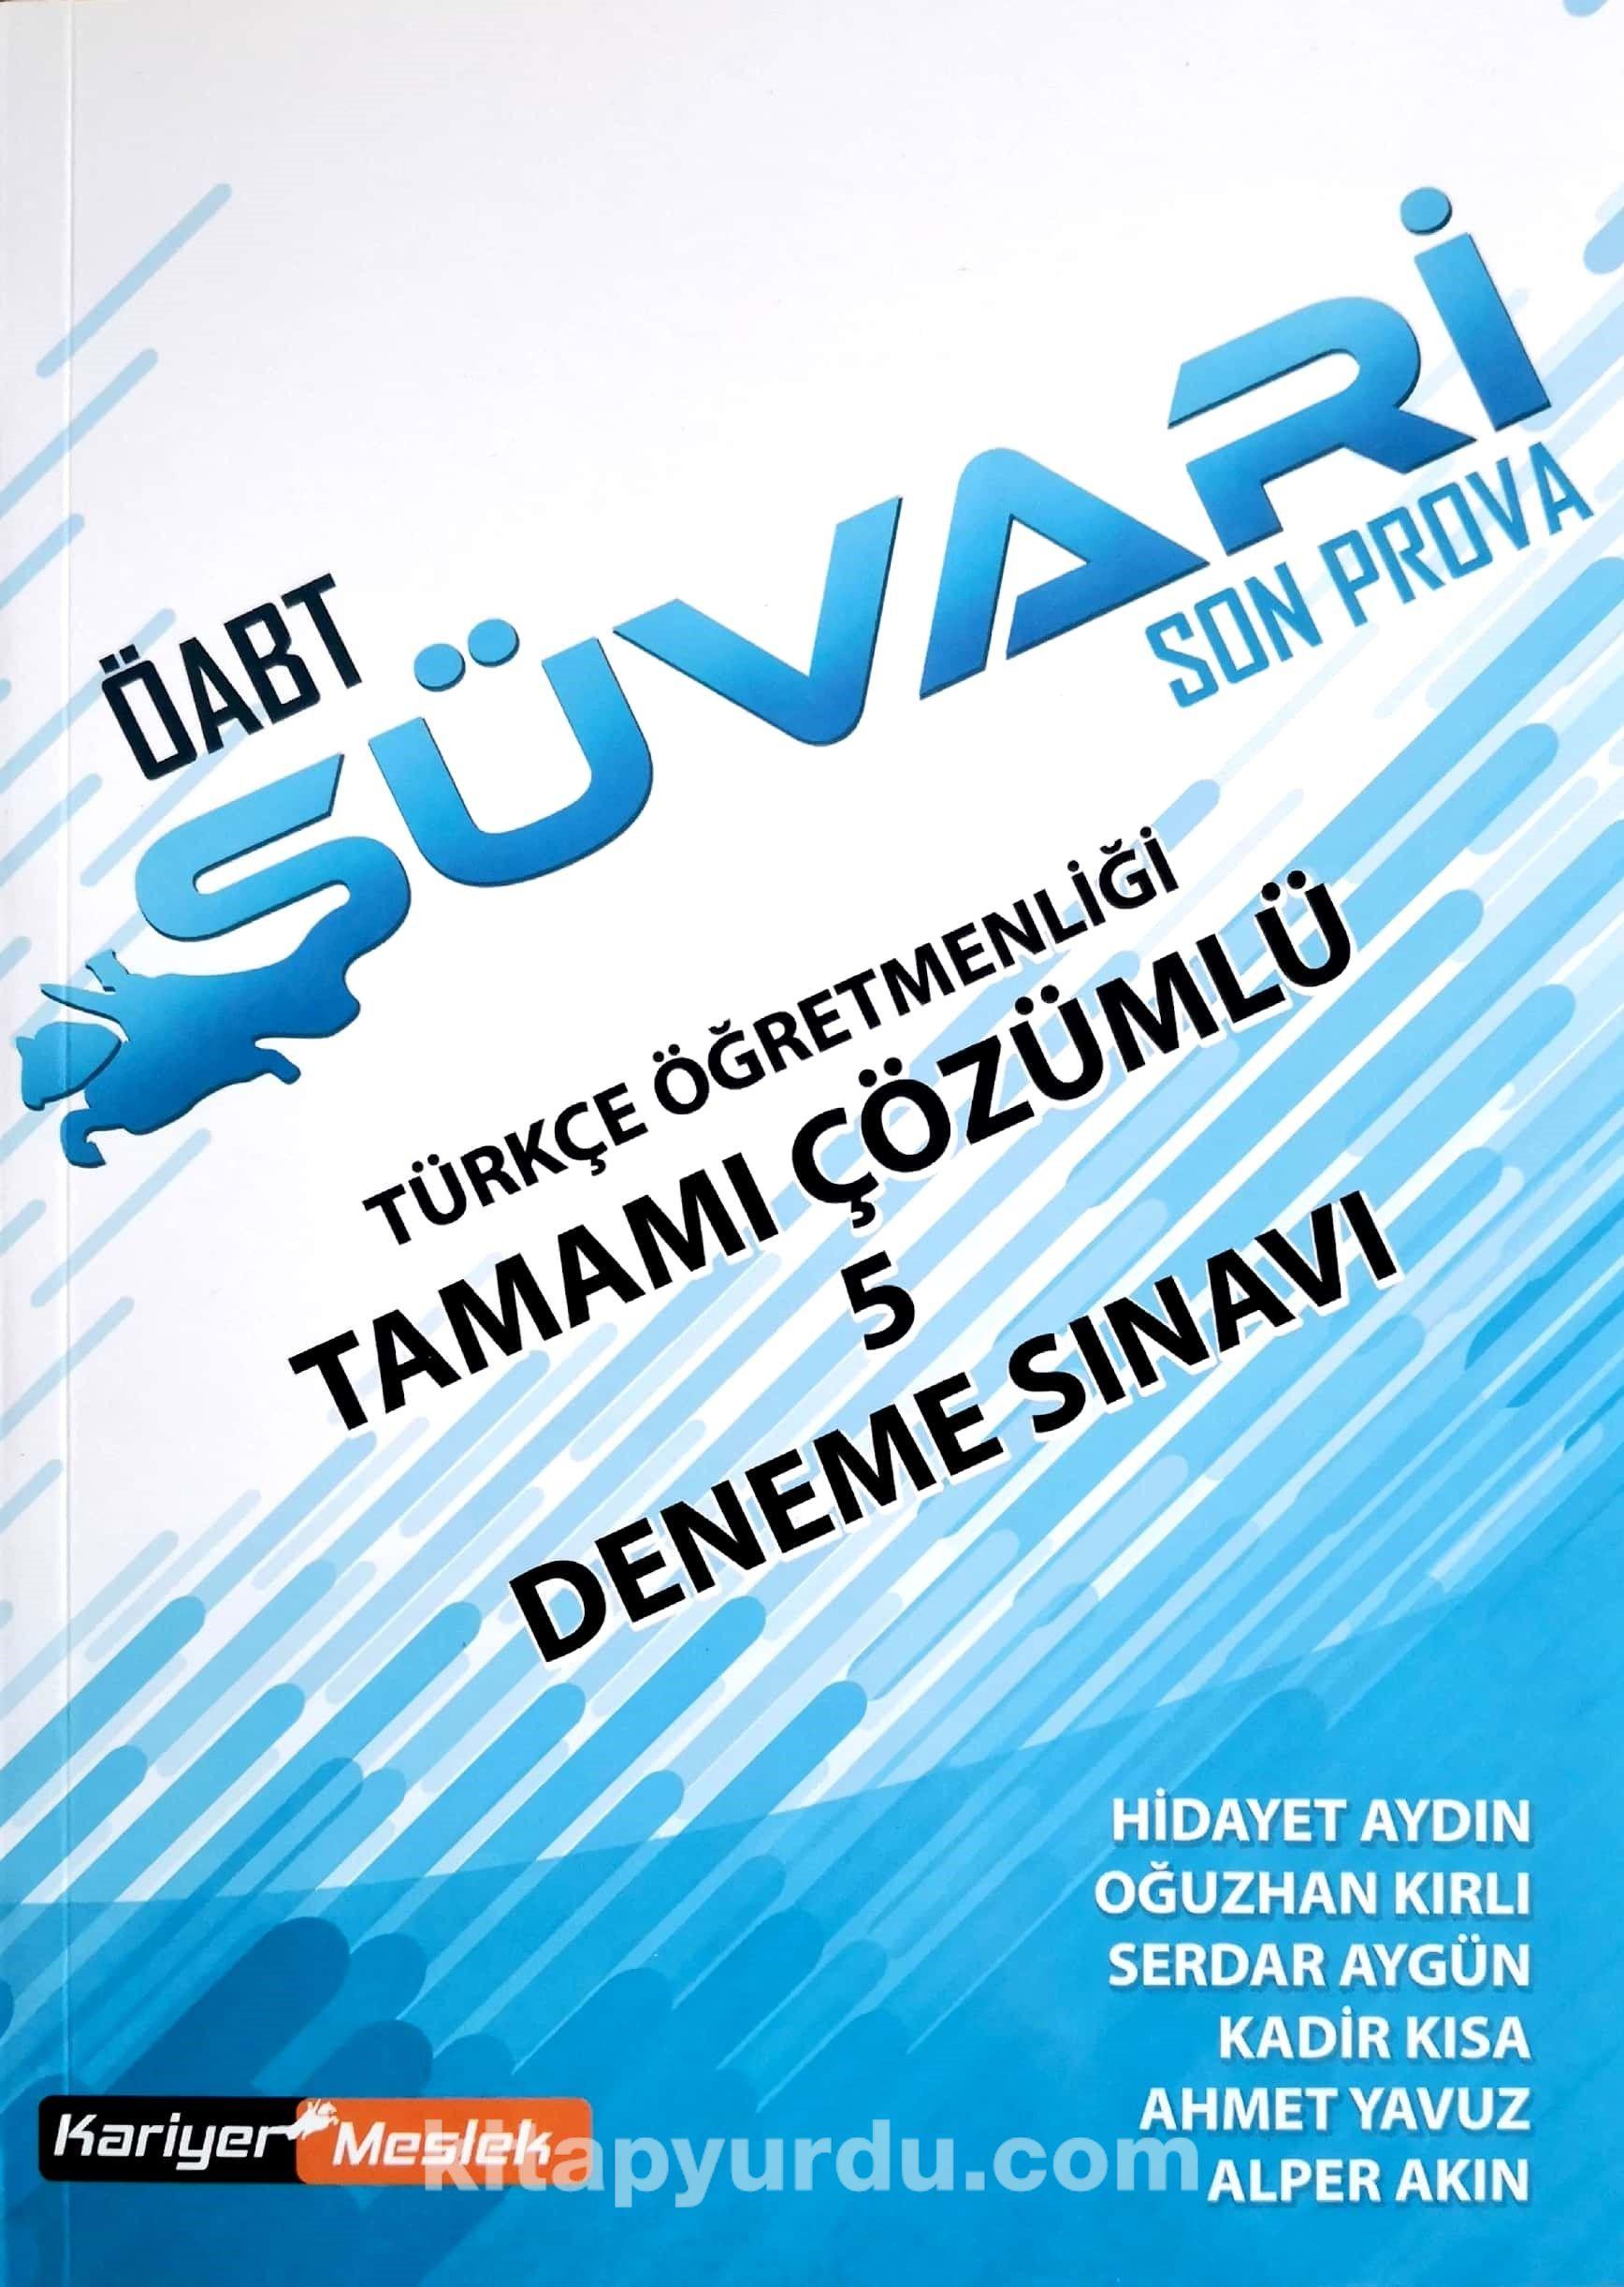 ÖABT Süvari Son Prova Türkçe Öğretmenliği 5 Deneme Sınavı - Kollektif pdf epub